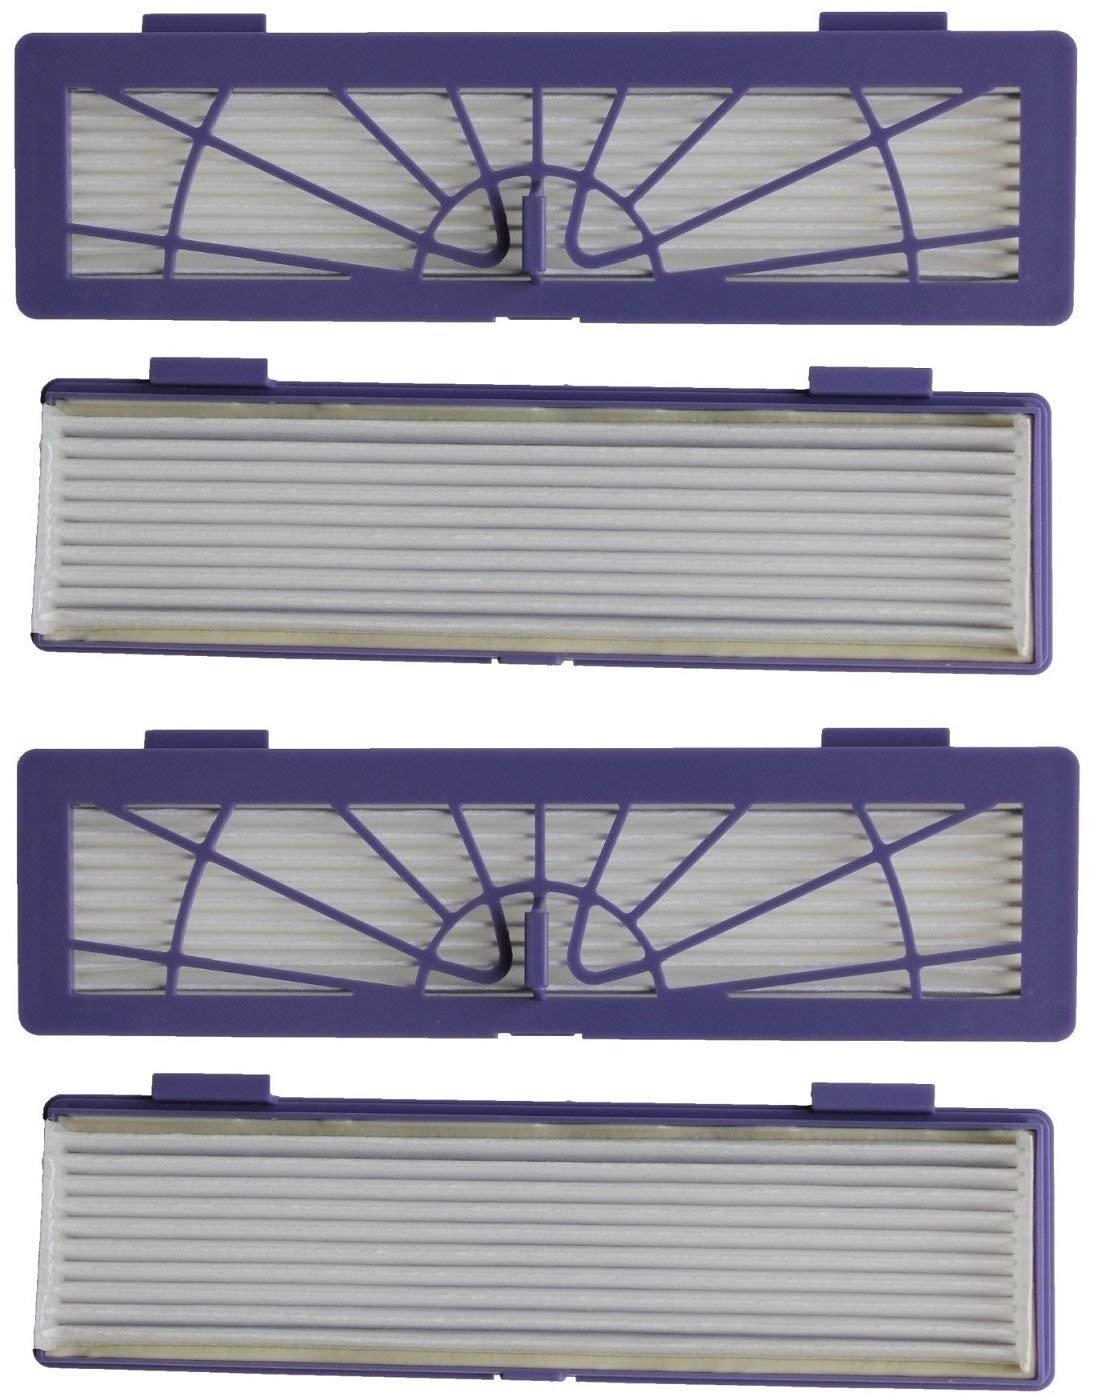 4 filtros para Neato Botvac 70e 75 80 85 Connected D3 D4 D5